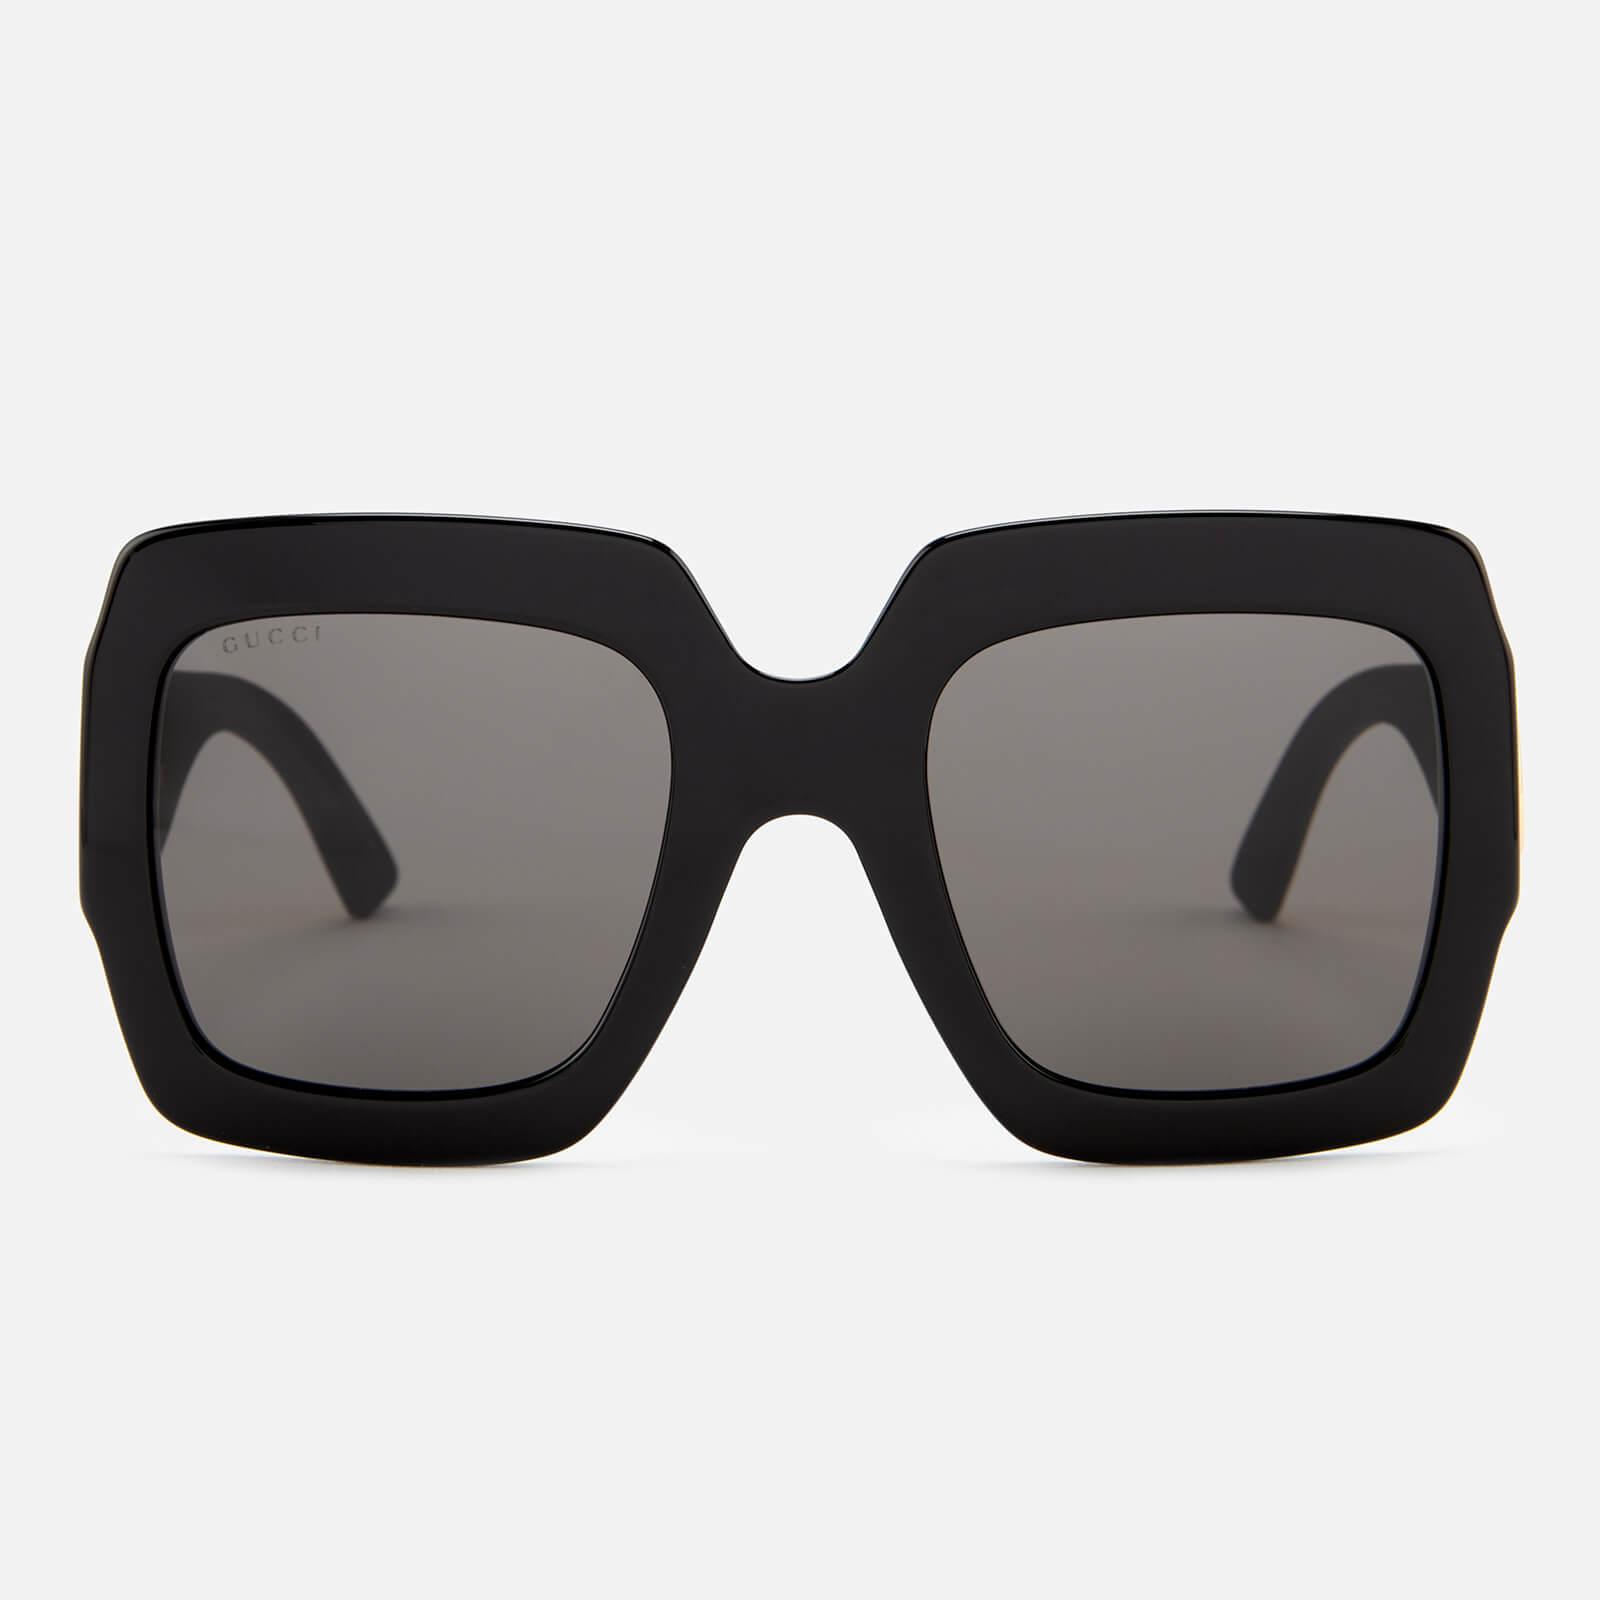 bbc280e375e Gucci Women s Large Square Frame Sunglasses - Black Gold - Free UK Delivery  over £50